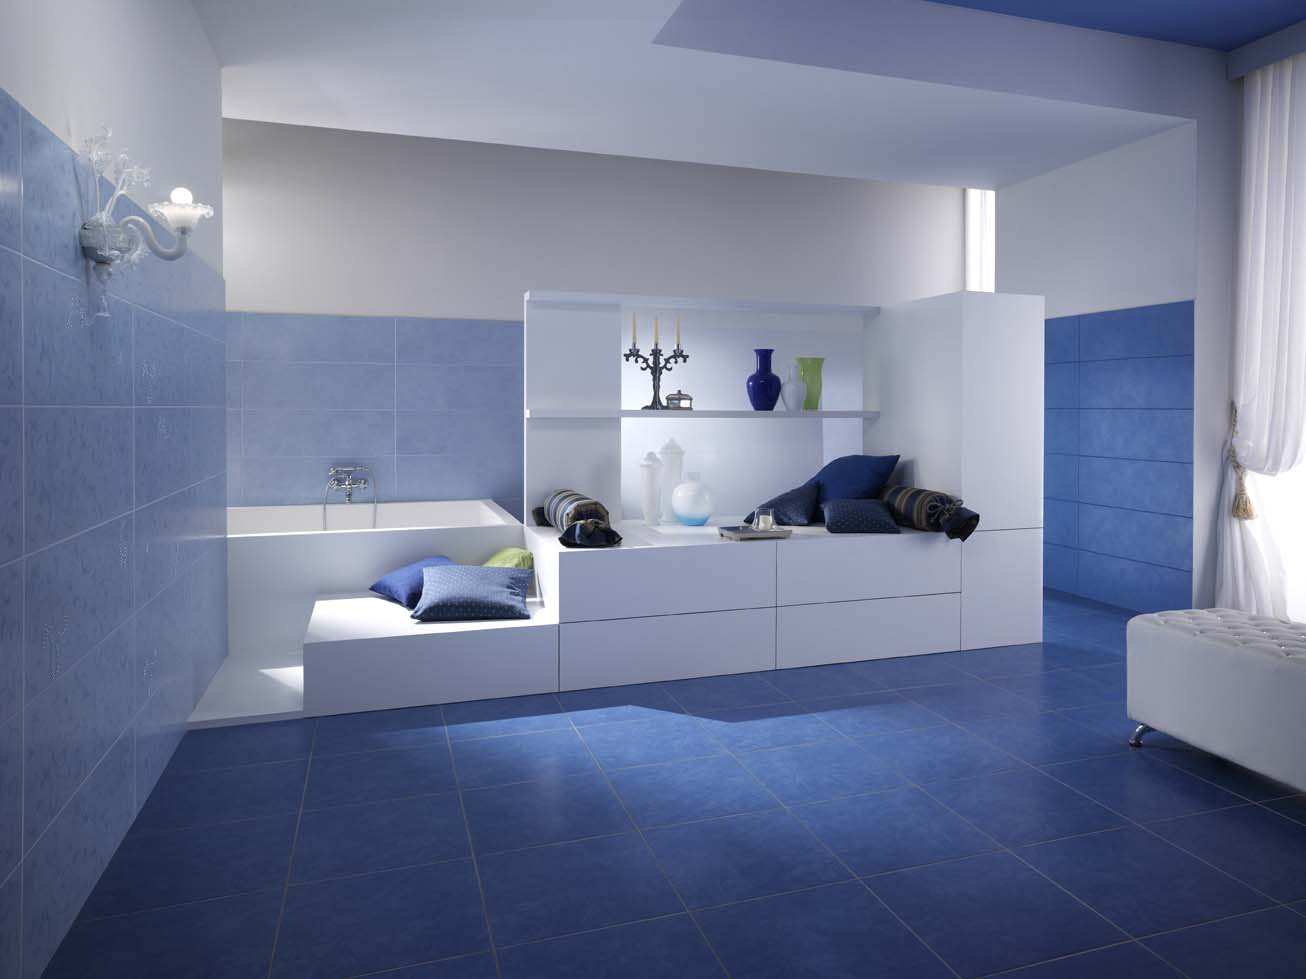 Arredo bagno piastrelle imola ceramica - Arredare il bagno moderno ...